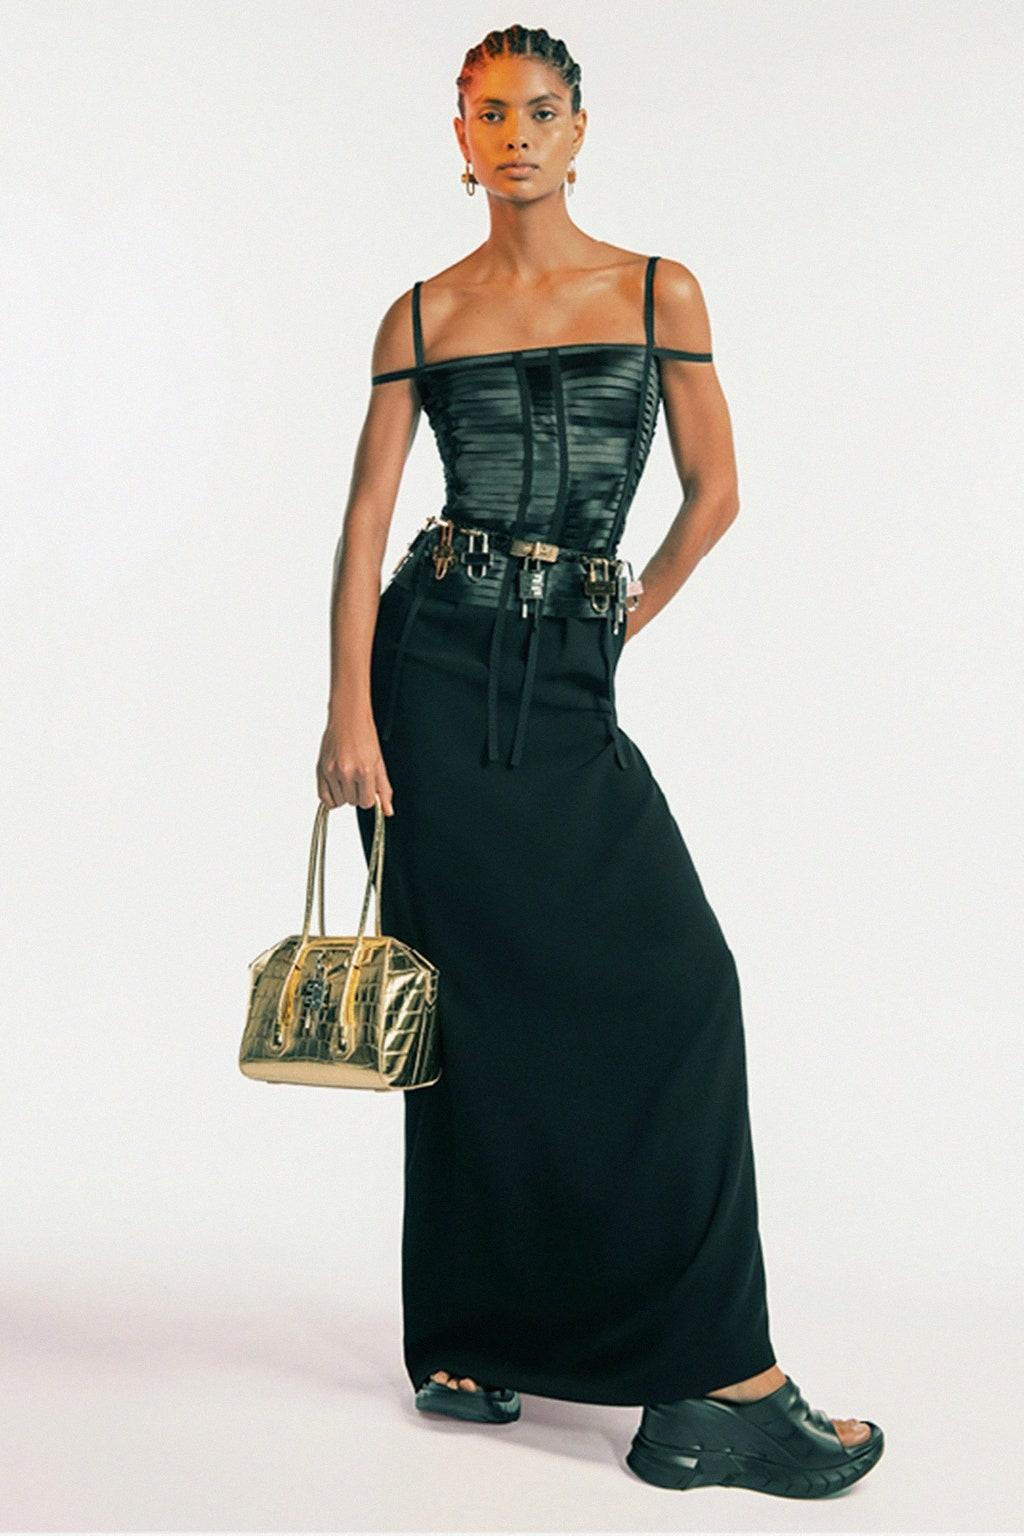 Дебют Мэтью Уильямса и пример безупречного стиля. Почему все обсуждают новую коллекцию Givenchy (ФОТО) - фото №6